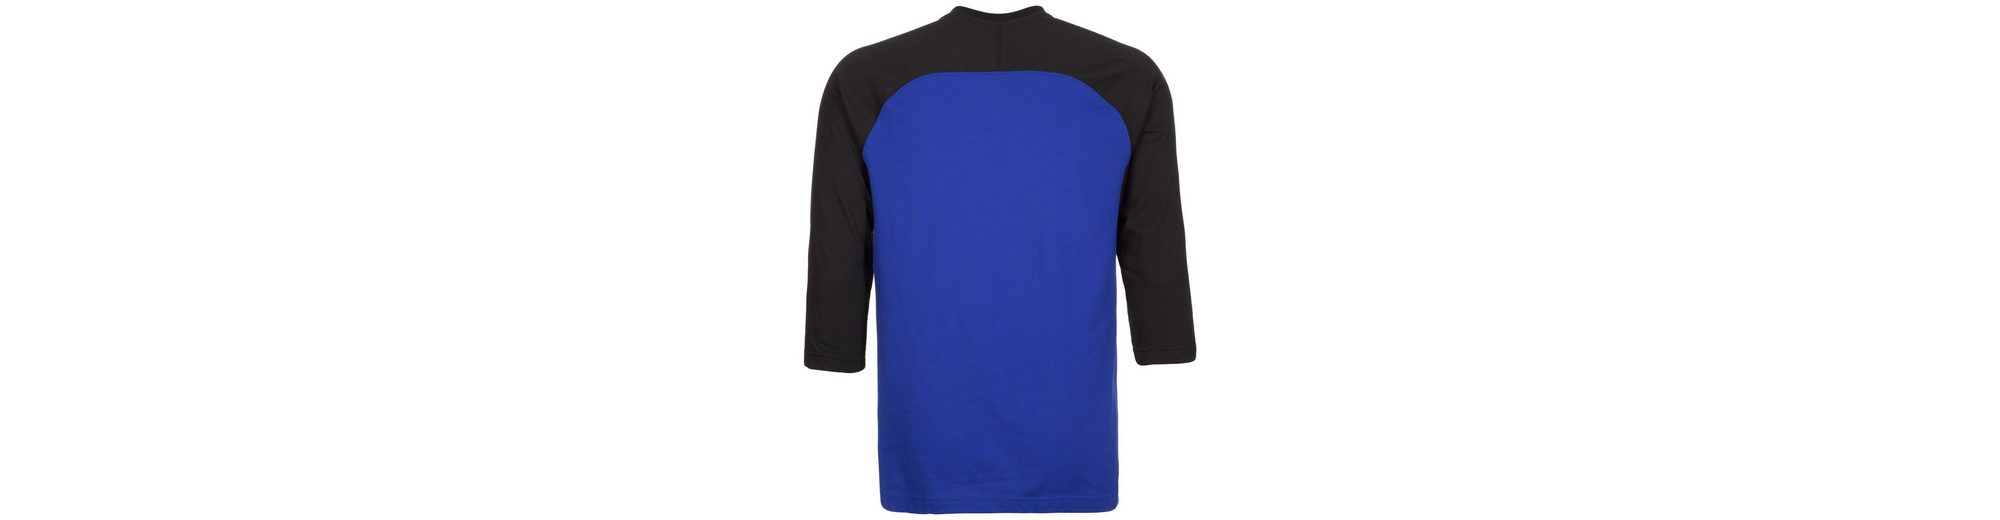 Billig 100% Garantiert adidas Performance Golden State Warriors SMR RN Shirt Herren Auslass Freies Verschiffen Wählen Sie Eine Beste Freies Verschiffen Auslass PckcK6Oyo